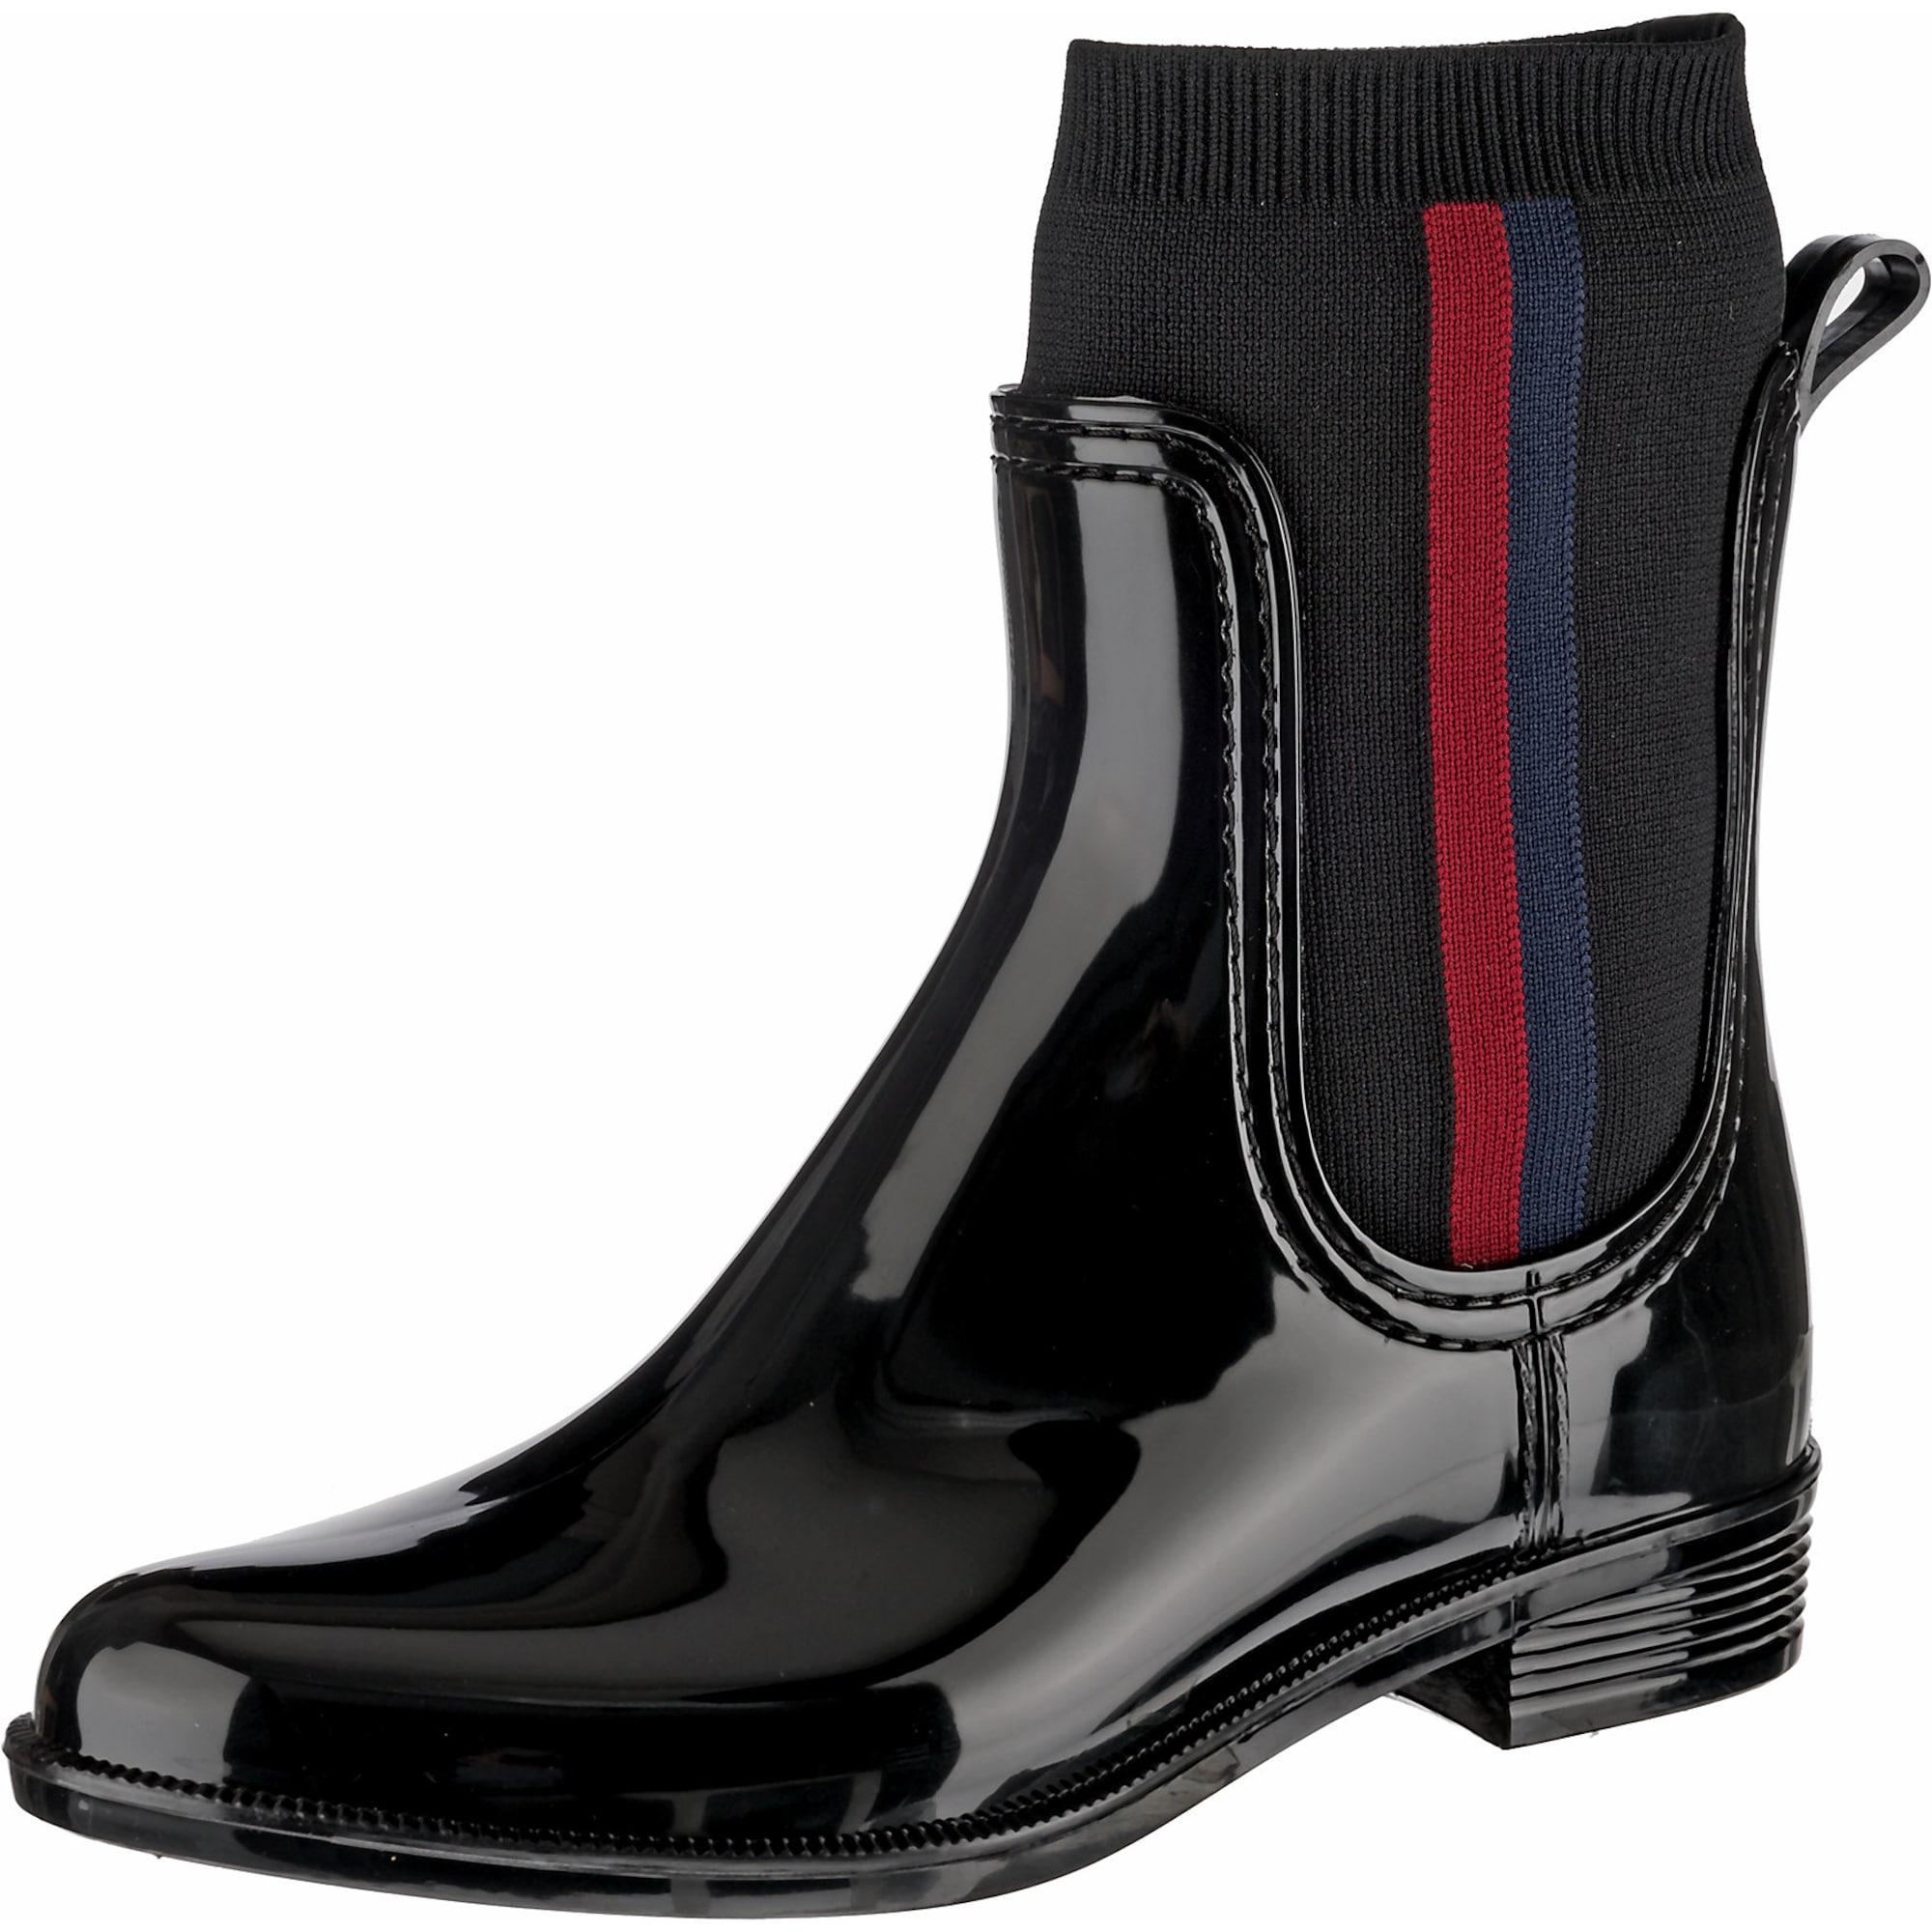 TOMMY HILFIGER Guminiai batai juoda / tamsiai mėlyna / raudona